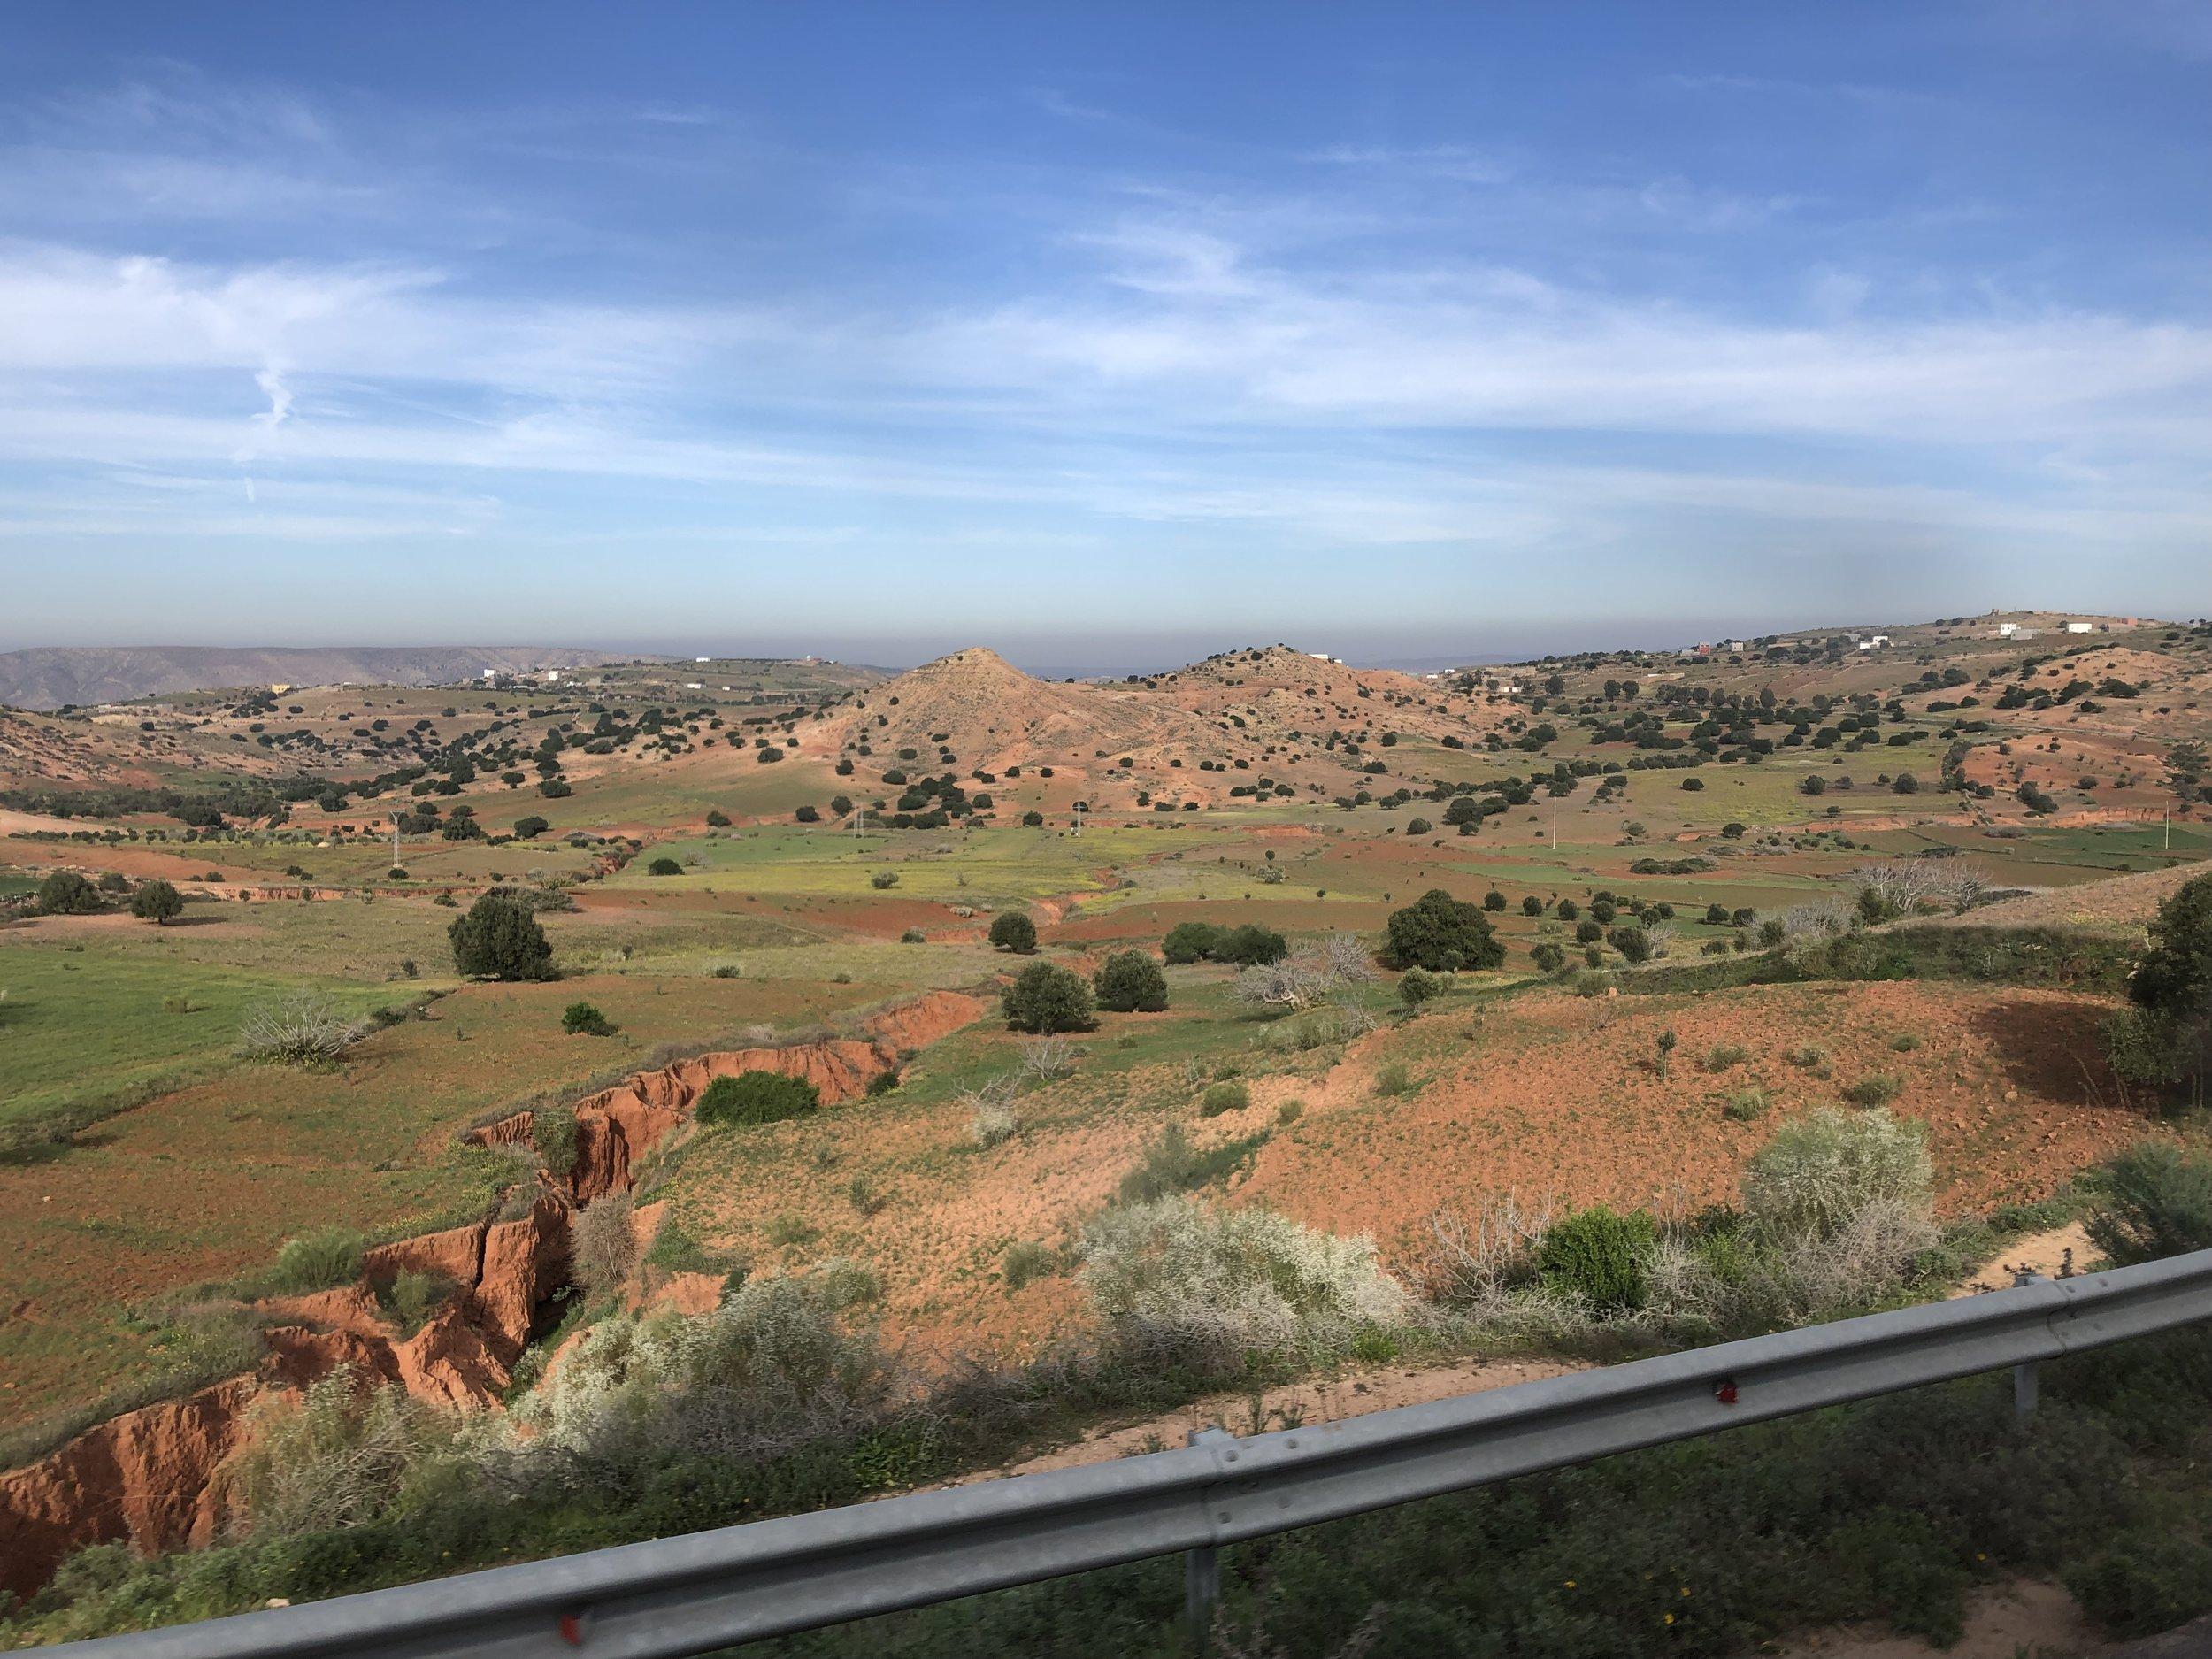 町から出るとこんな アリゾナみたいな景色ばかりのモロッコ 広い